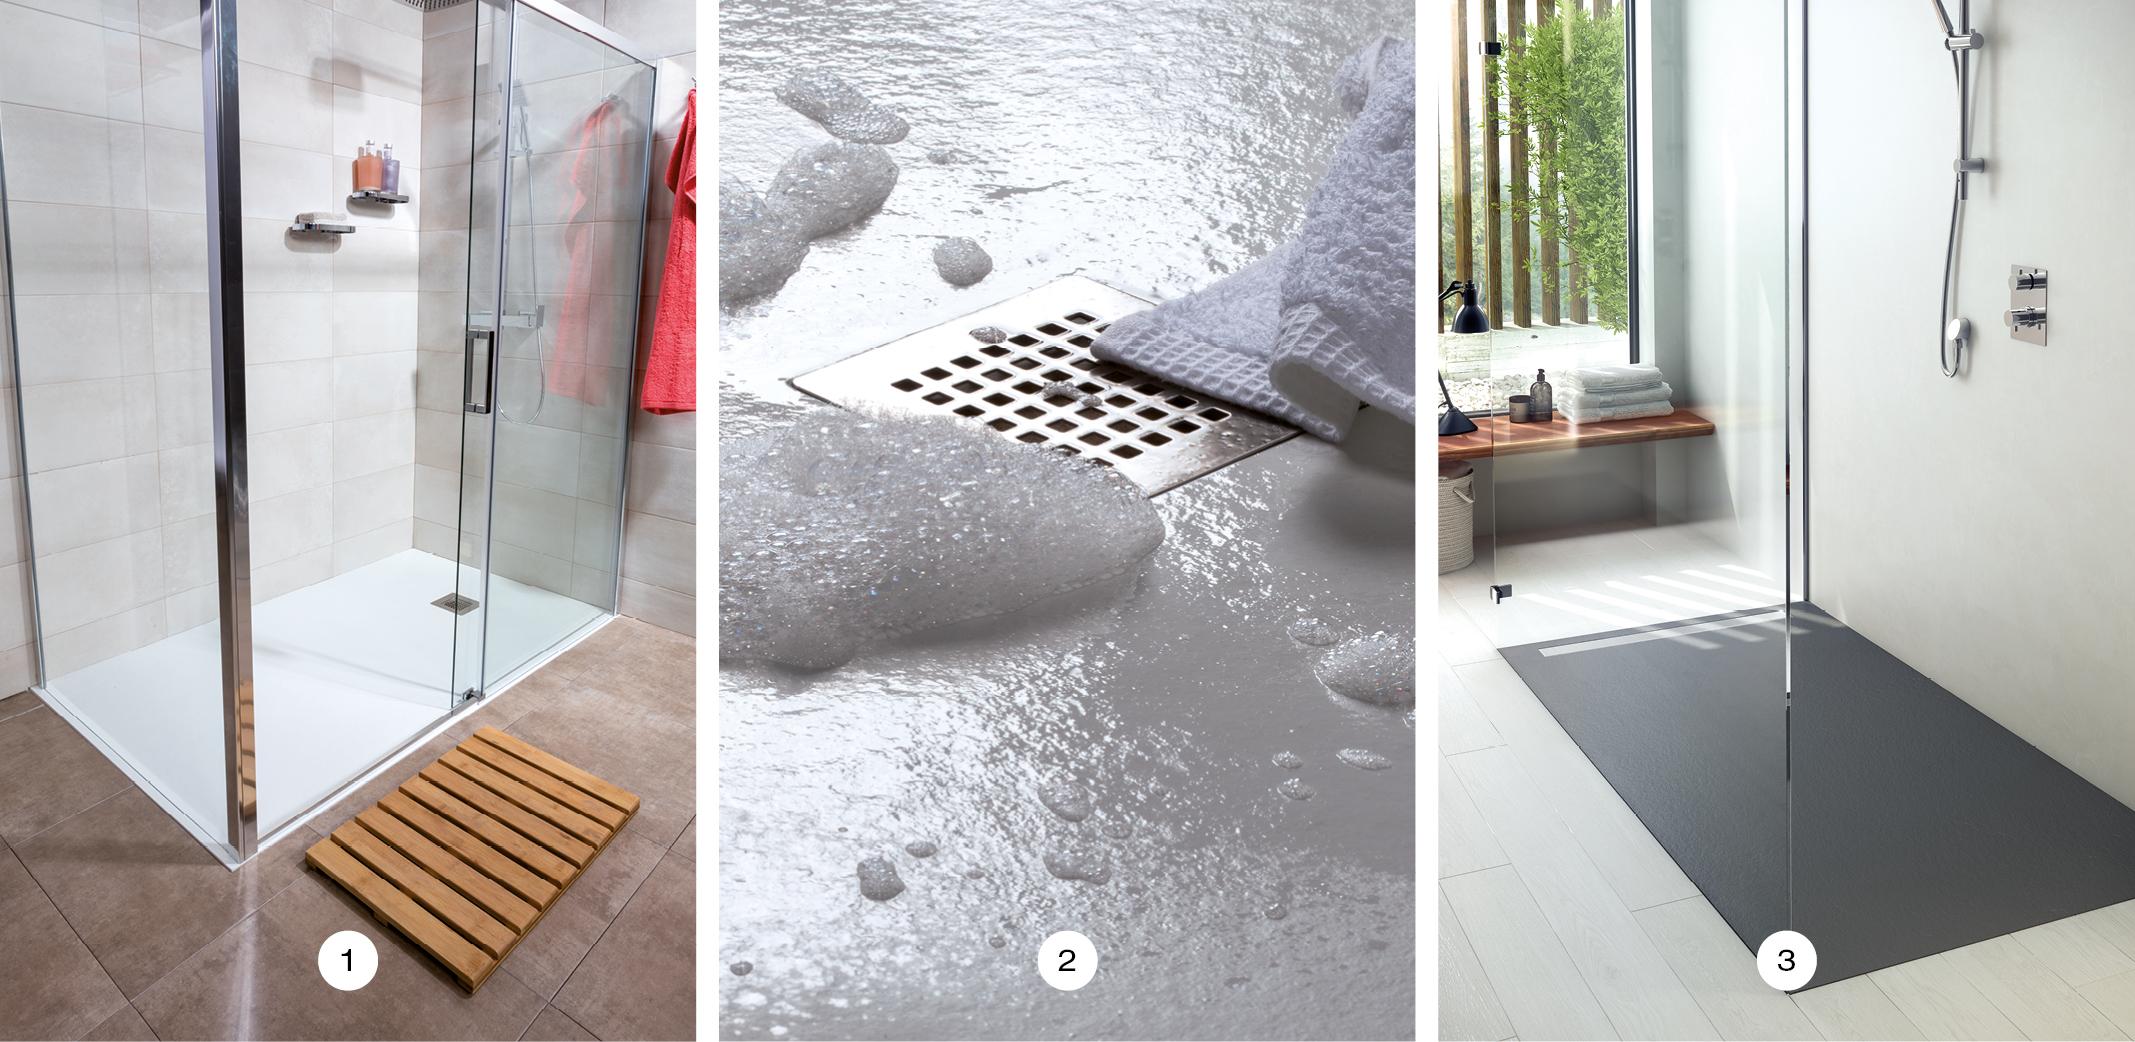 Para una ducha segura plato de ducha antideslizante for Plato de ducha flexible